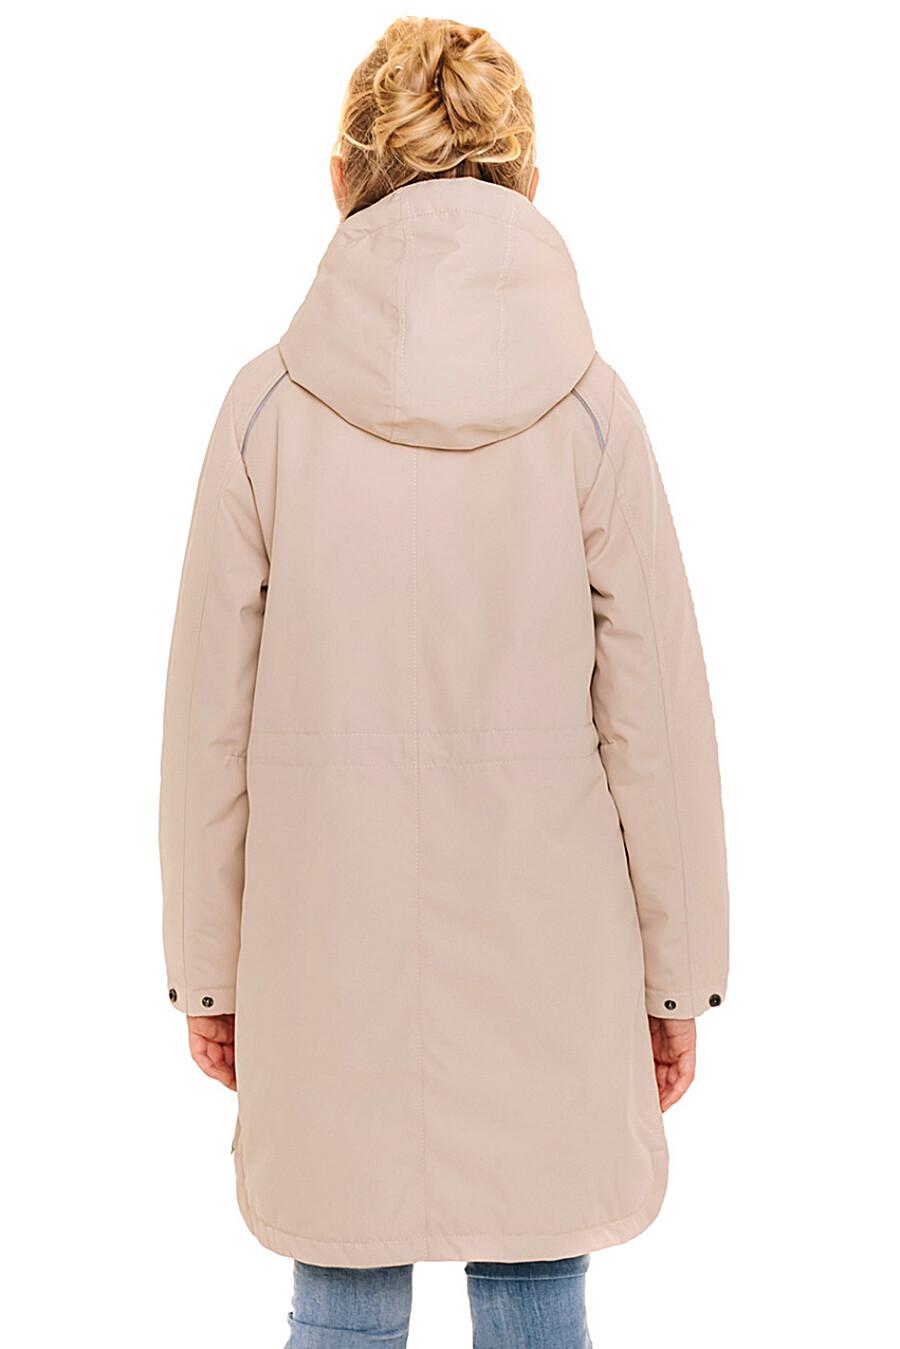 Пальто для девочек BATIK 247242 купить оптом от производителя. Совместная покупка детской одежды в OptMoyo